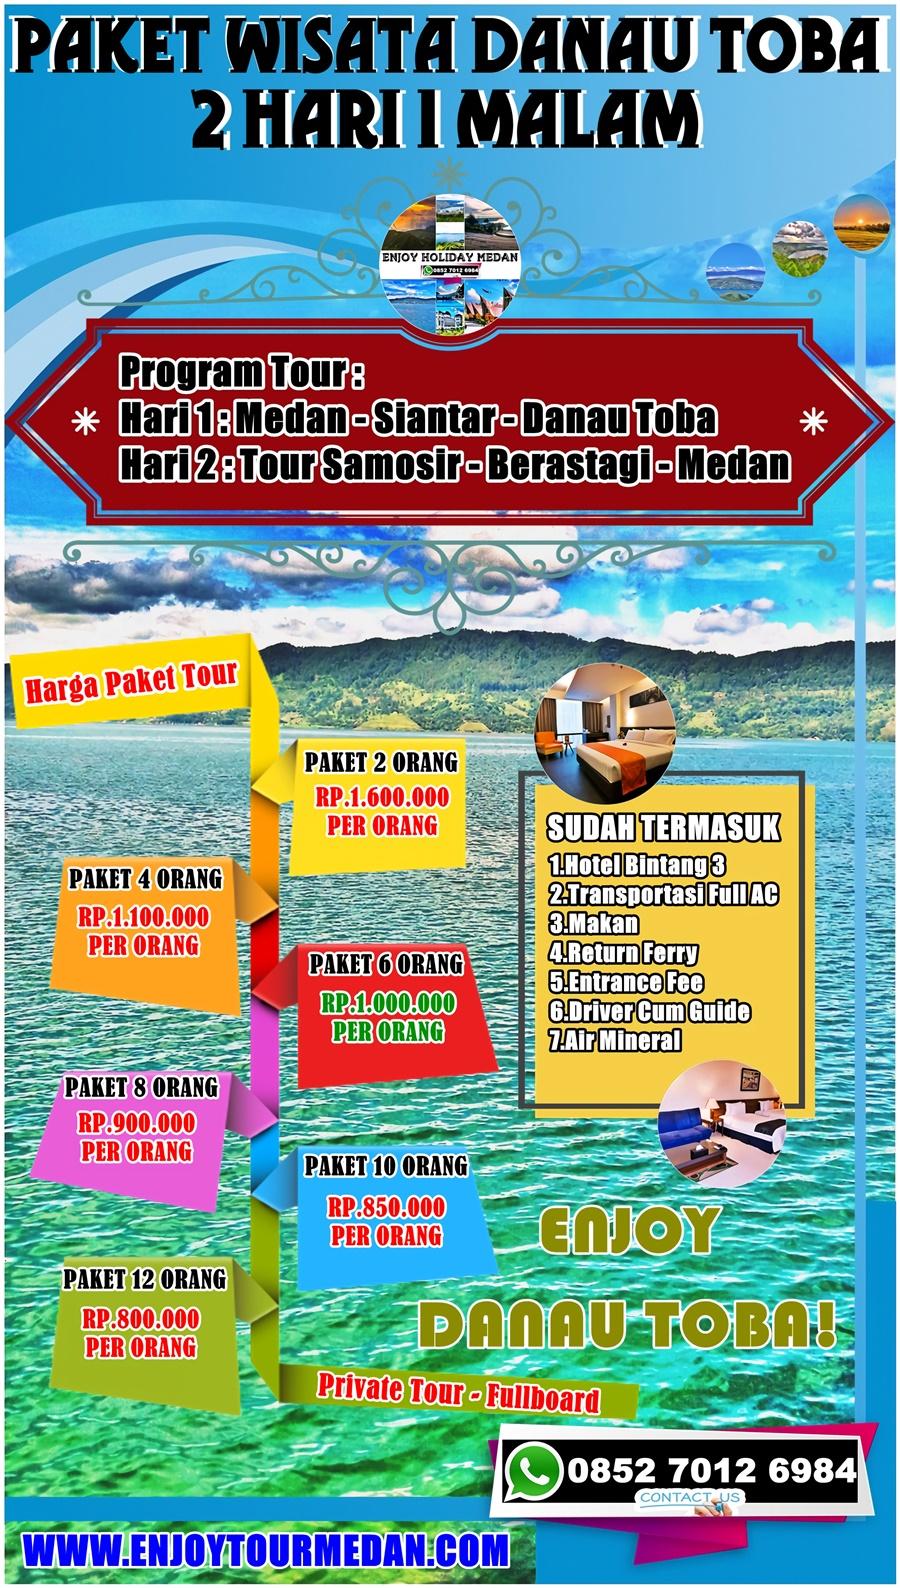 2 Hari 1 Malam Paket Wisata Danau Toba